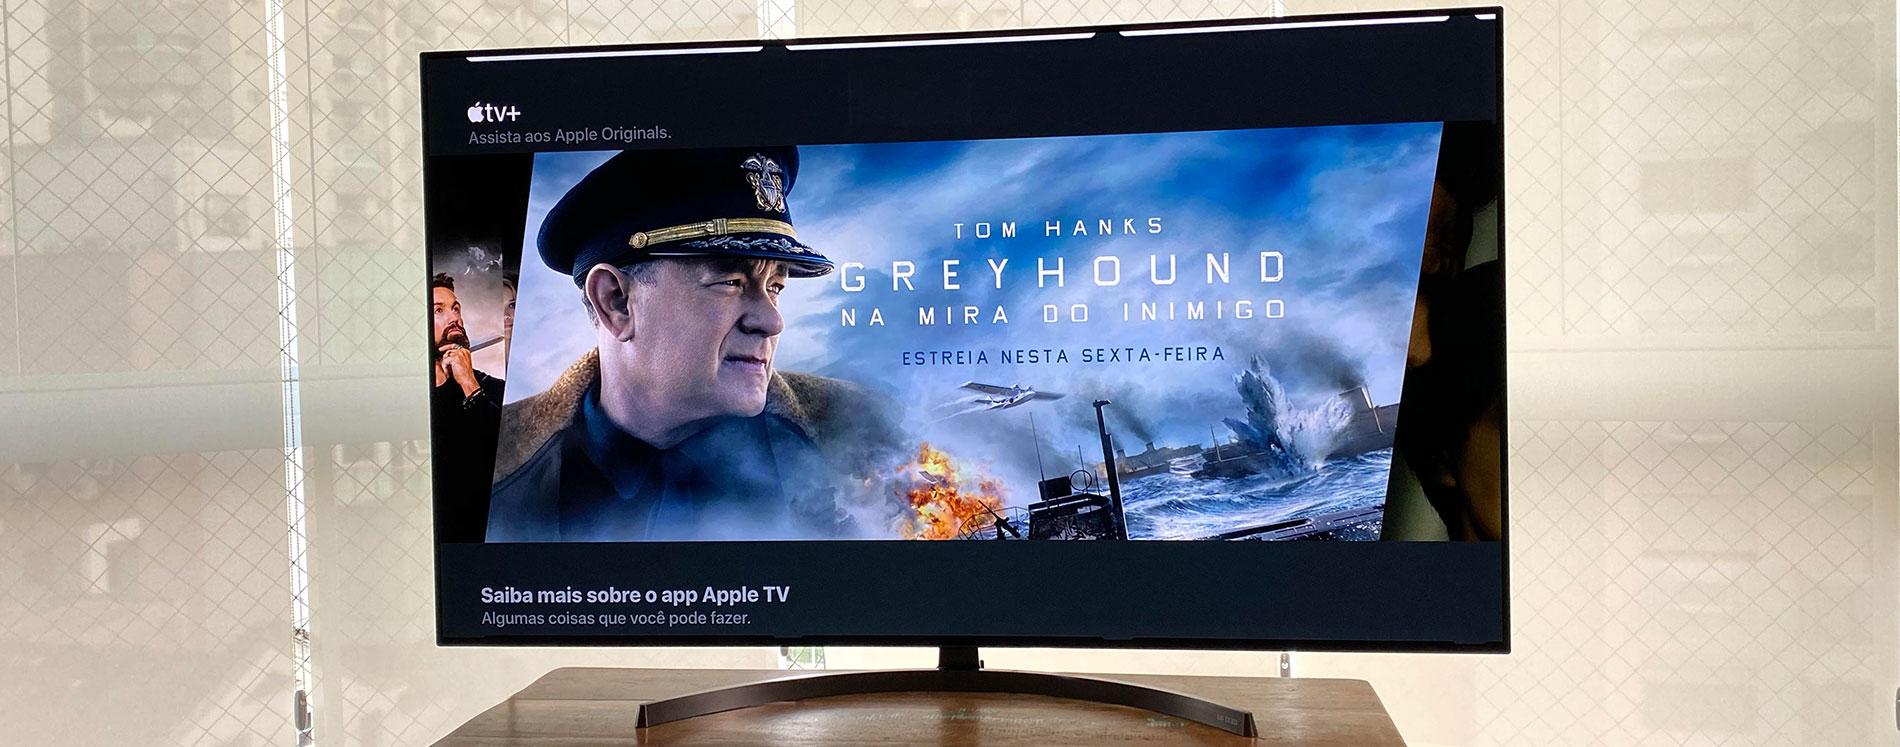 Análise TV OLED LG 65B9: excelente em filmes e jogos